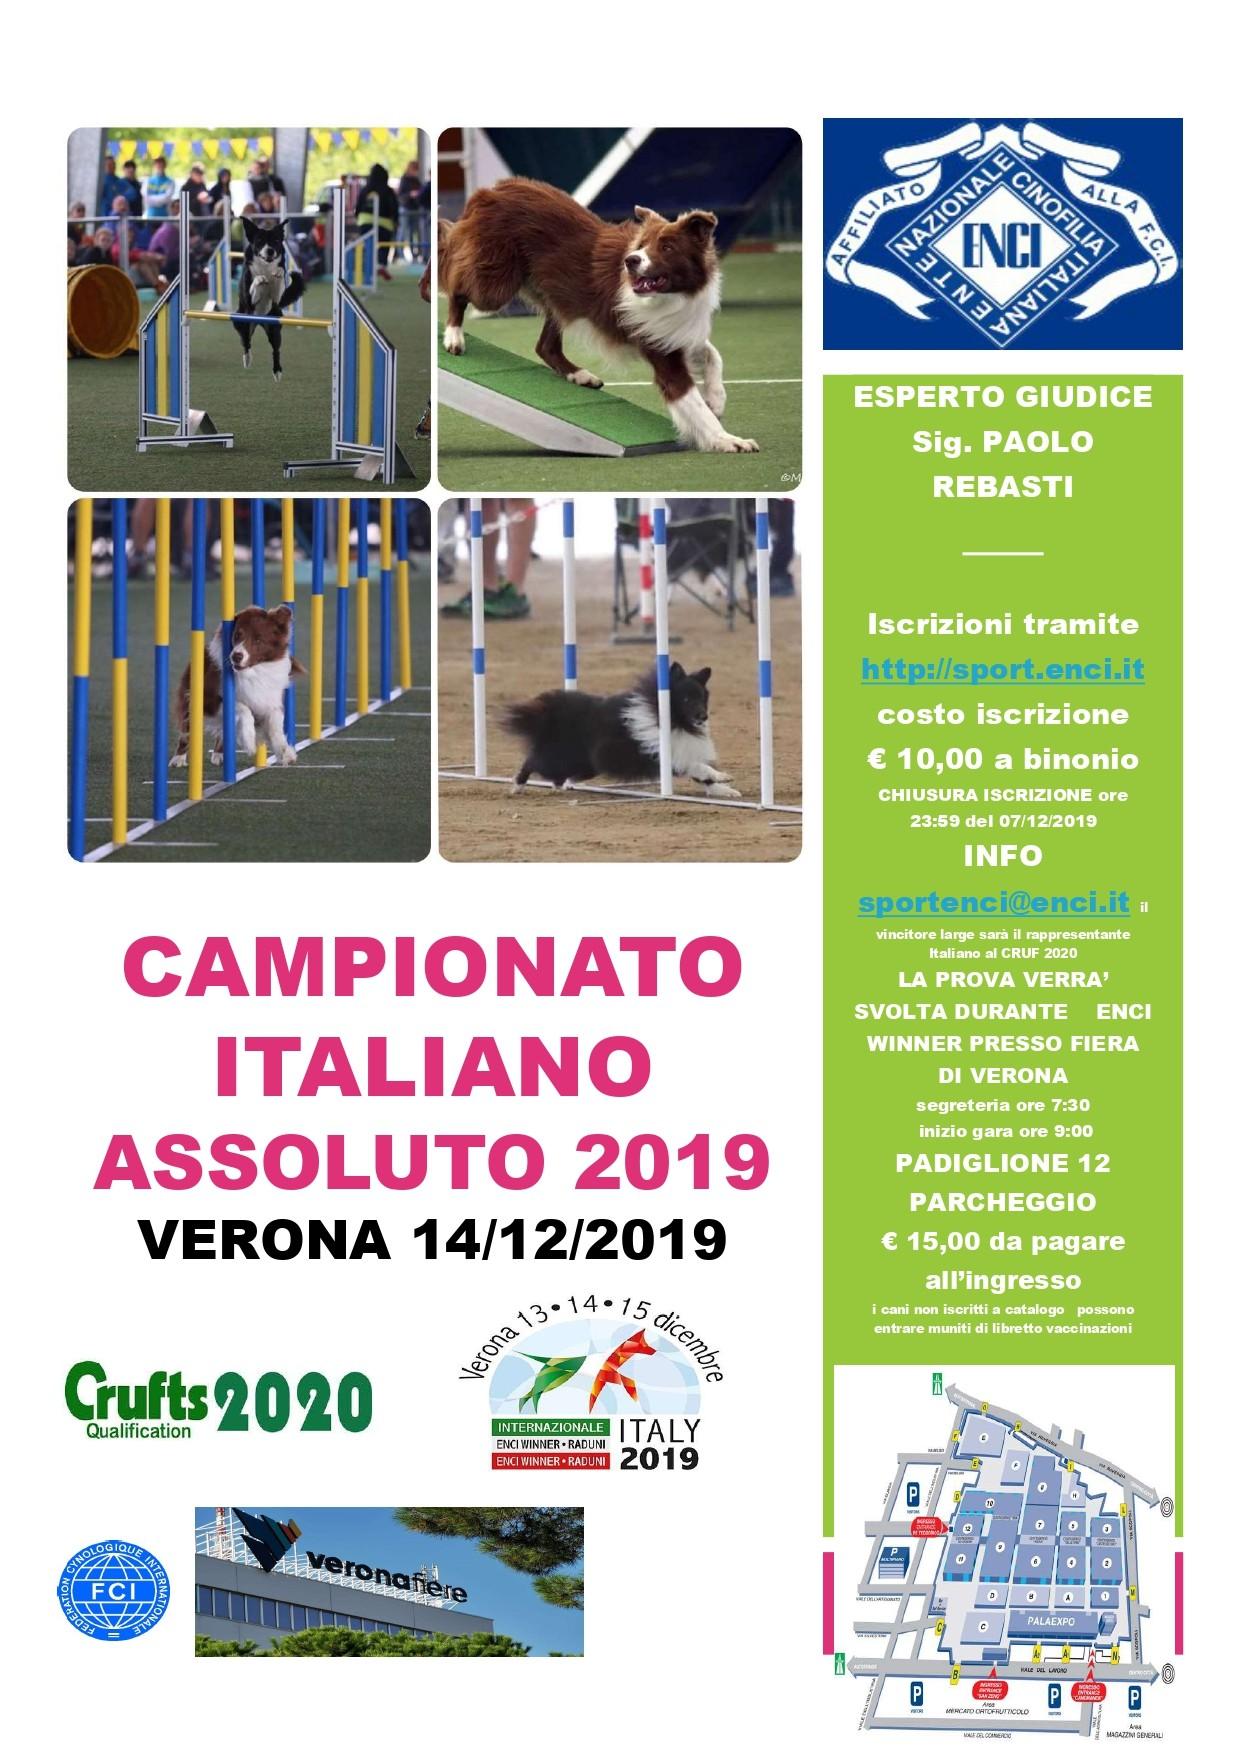 CAMPIONATO ITALIANO ASSOLUTO 2019